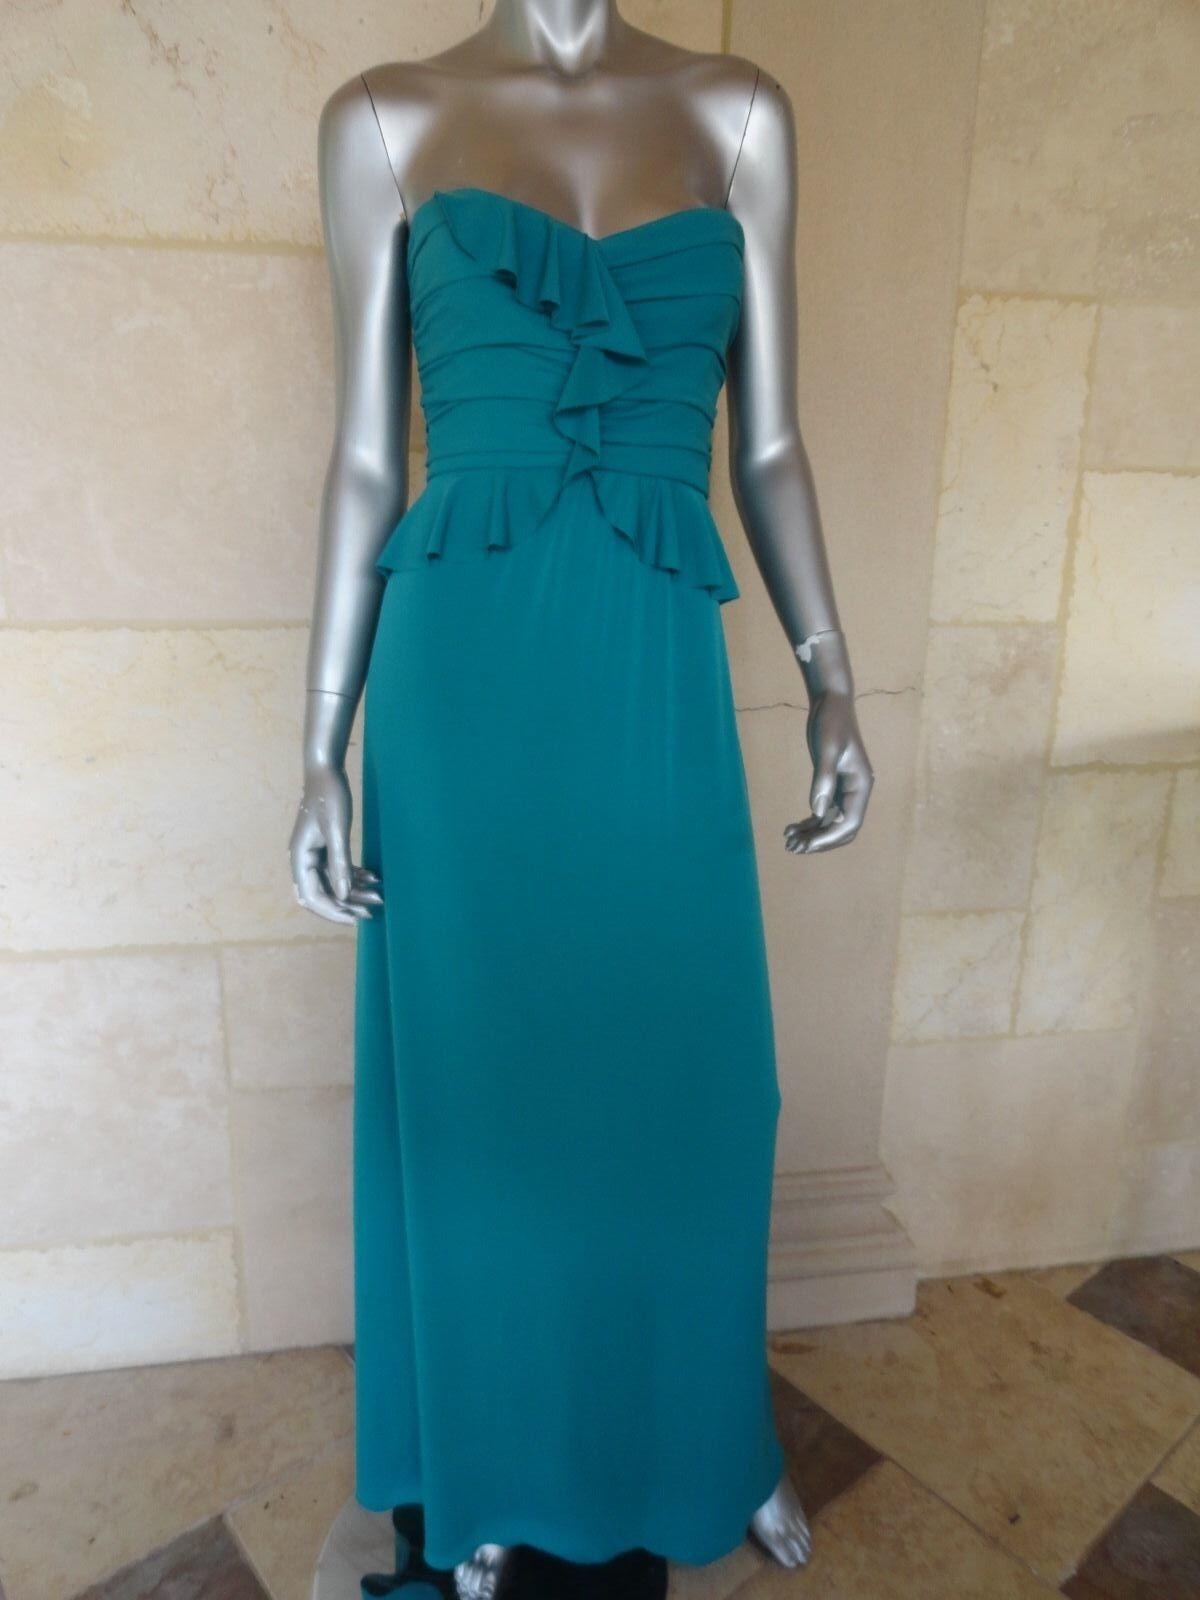 280 Amsale Vert Mat Buscravater pleine longueur formelle robe de soirée Robe SZ 8 Neuf avec étiquettes